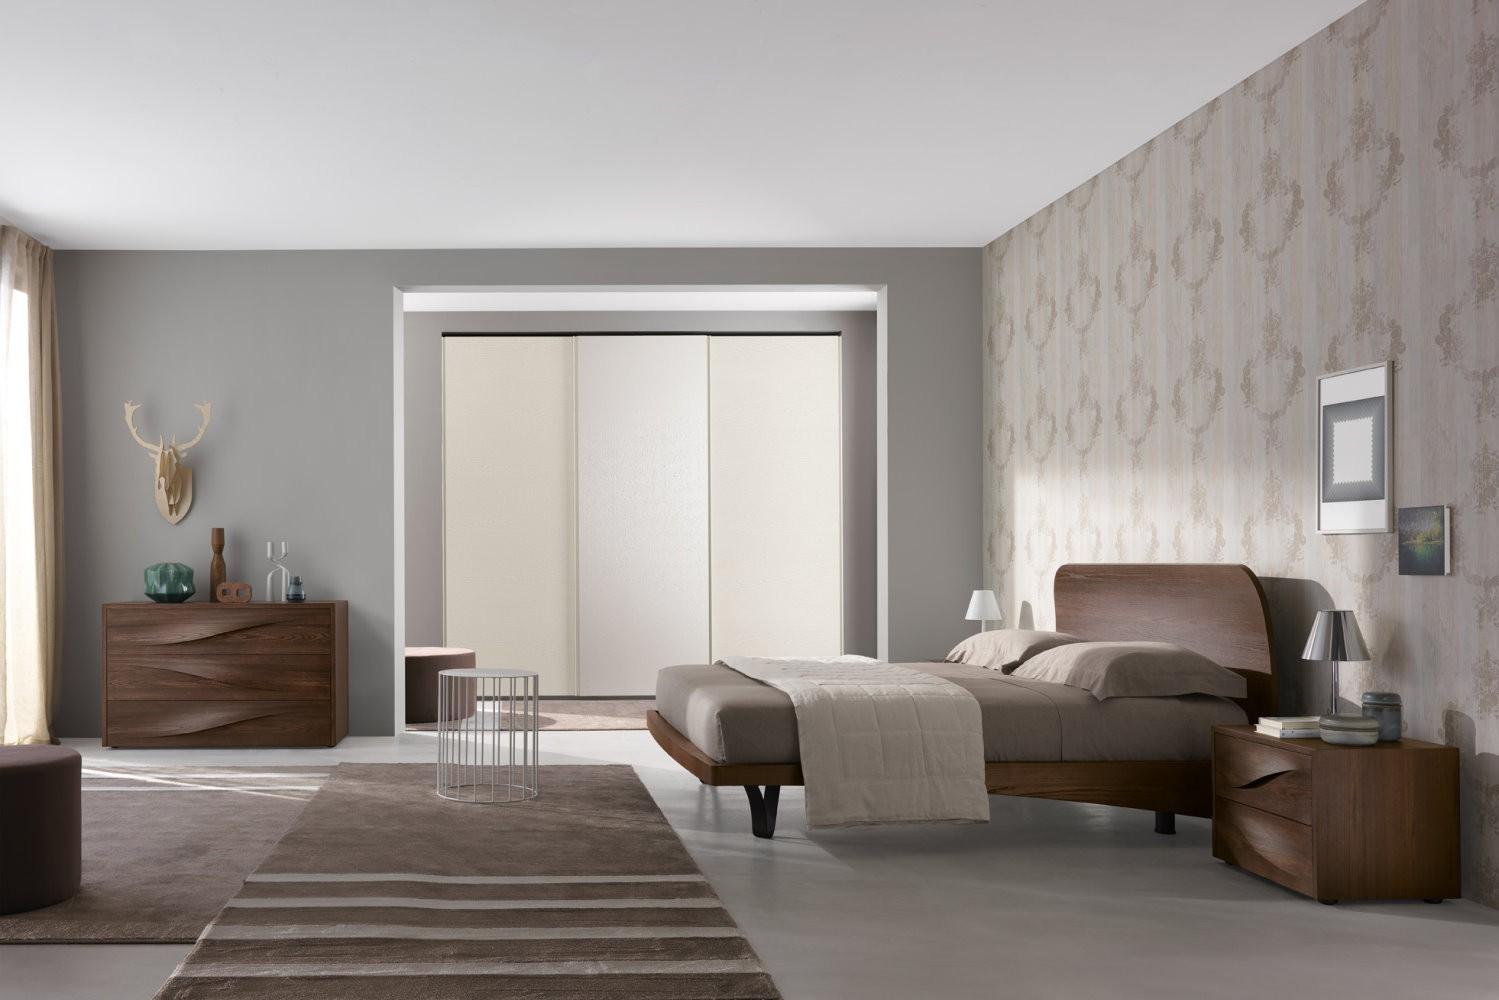 Camera da letto matrimoniale fontana 02 1 olmo scuro - Camera da letto del papa ...